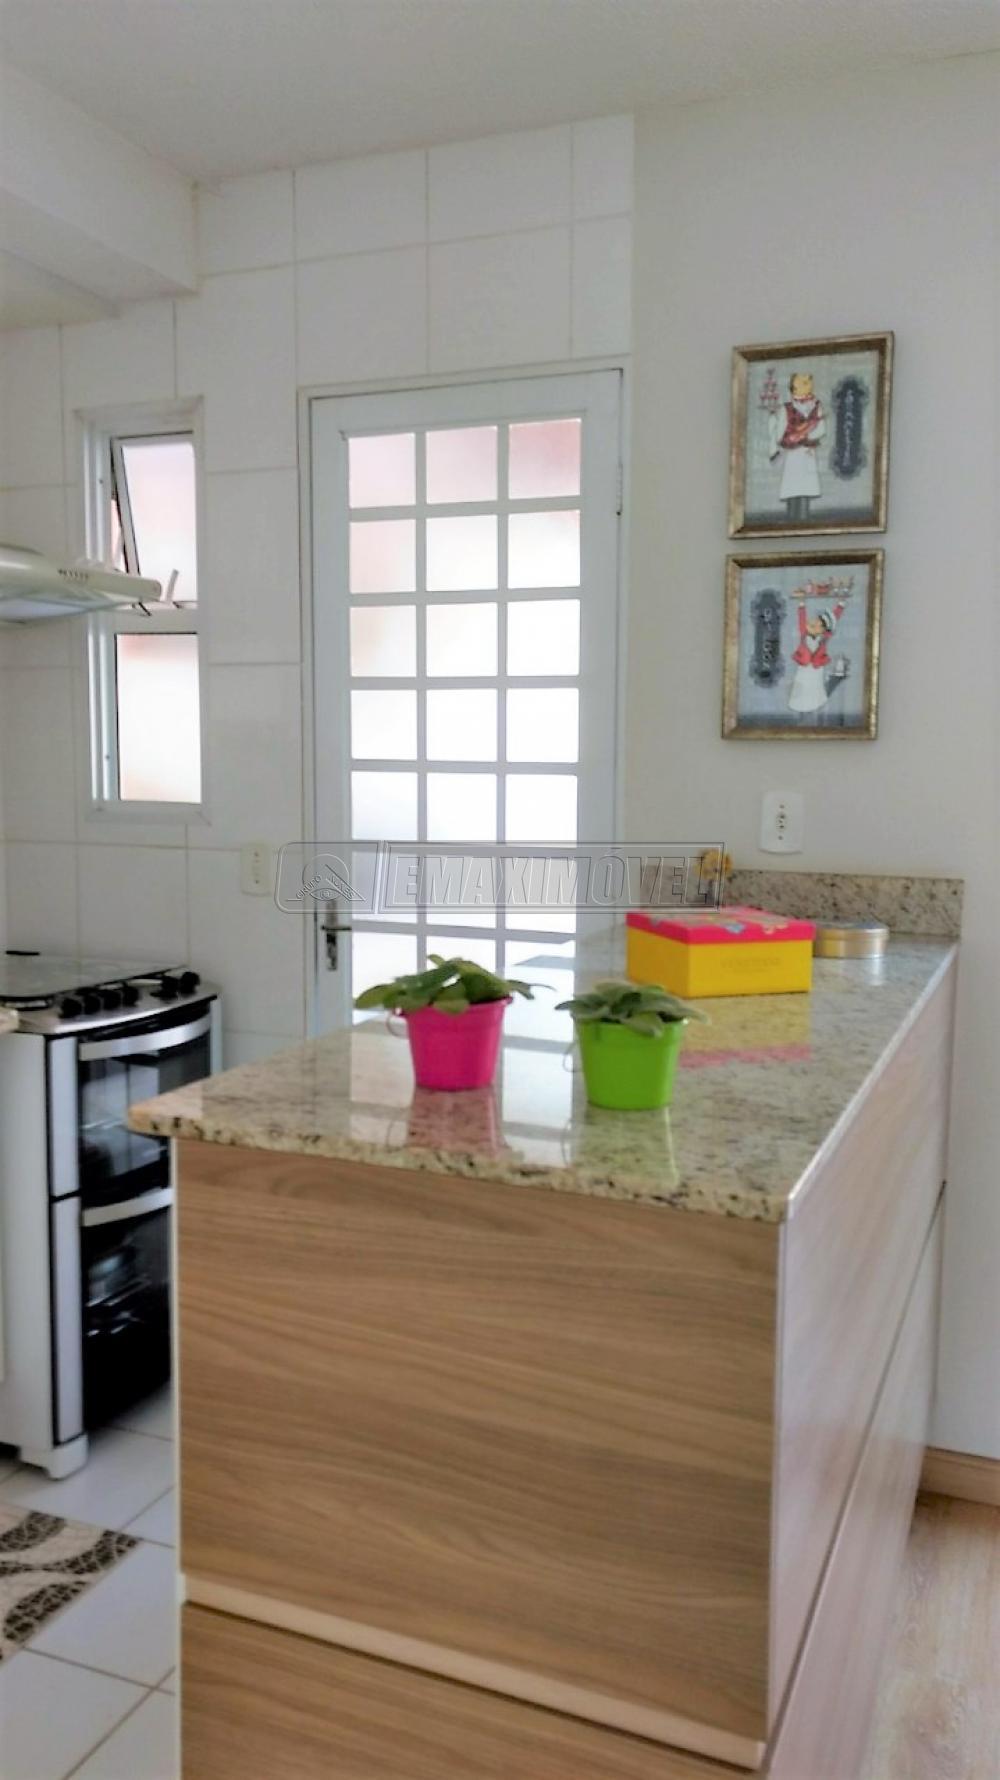 Comprar Casas / em Condomínios em Votorantim apenas R$ 330.000,00 - Foto 6